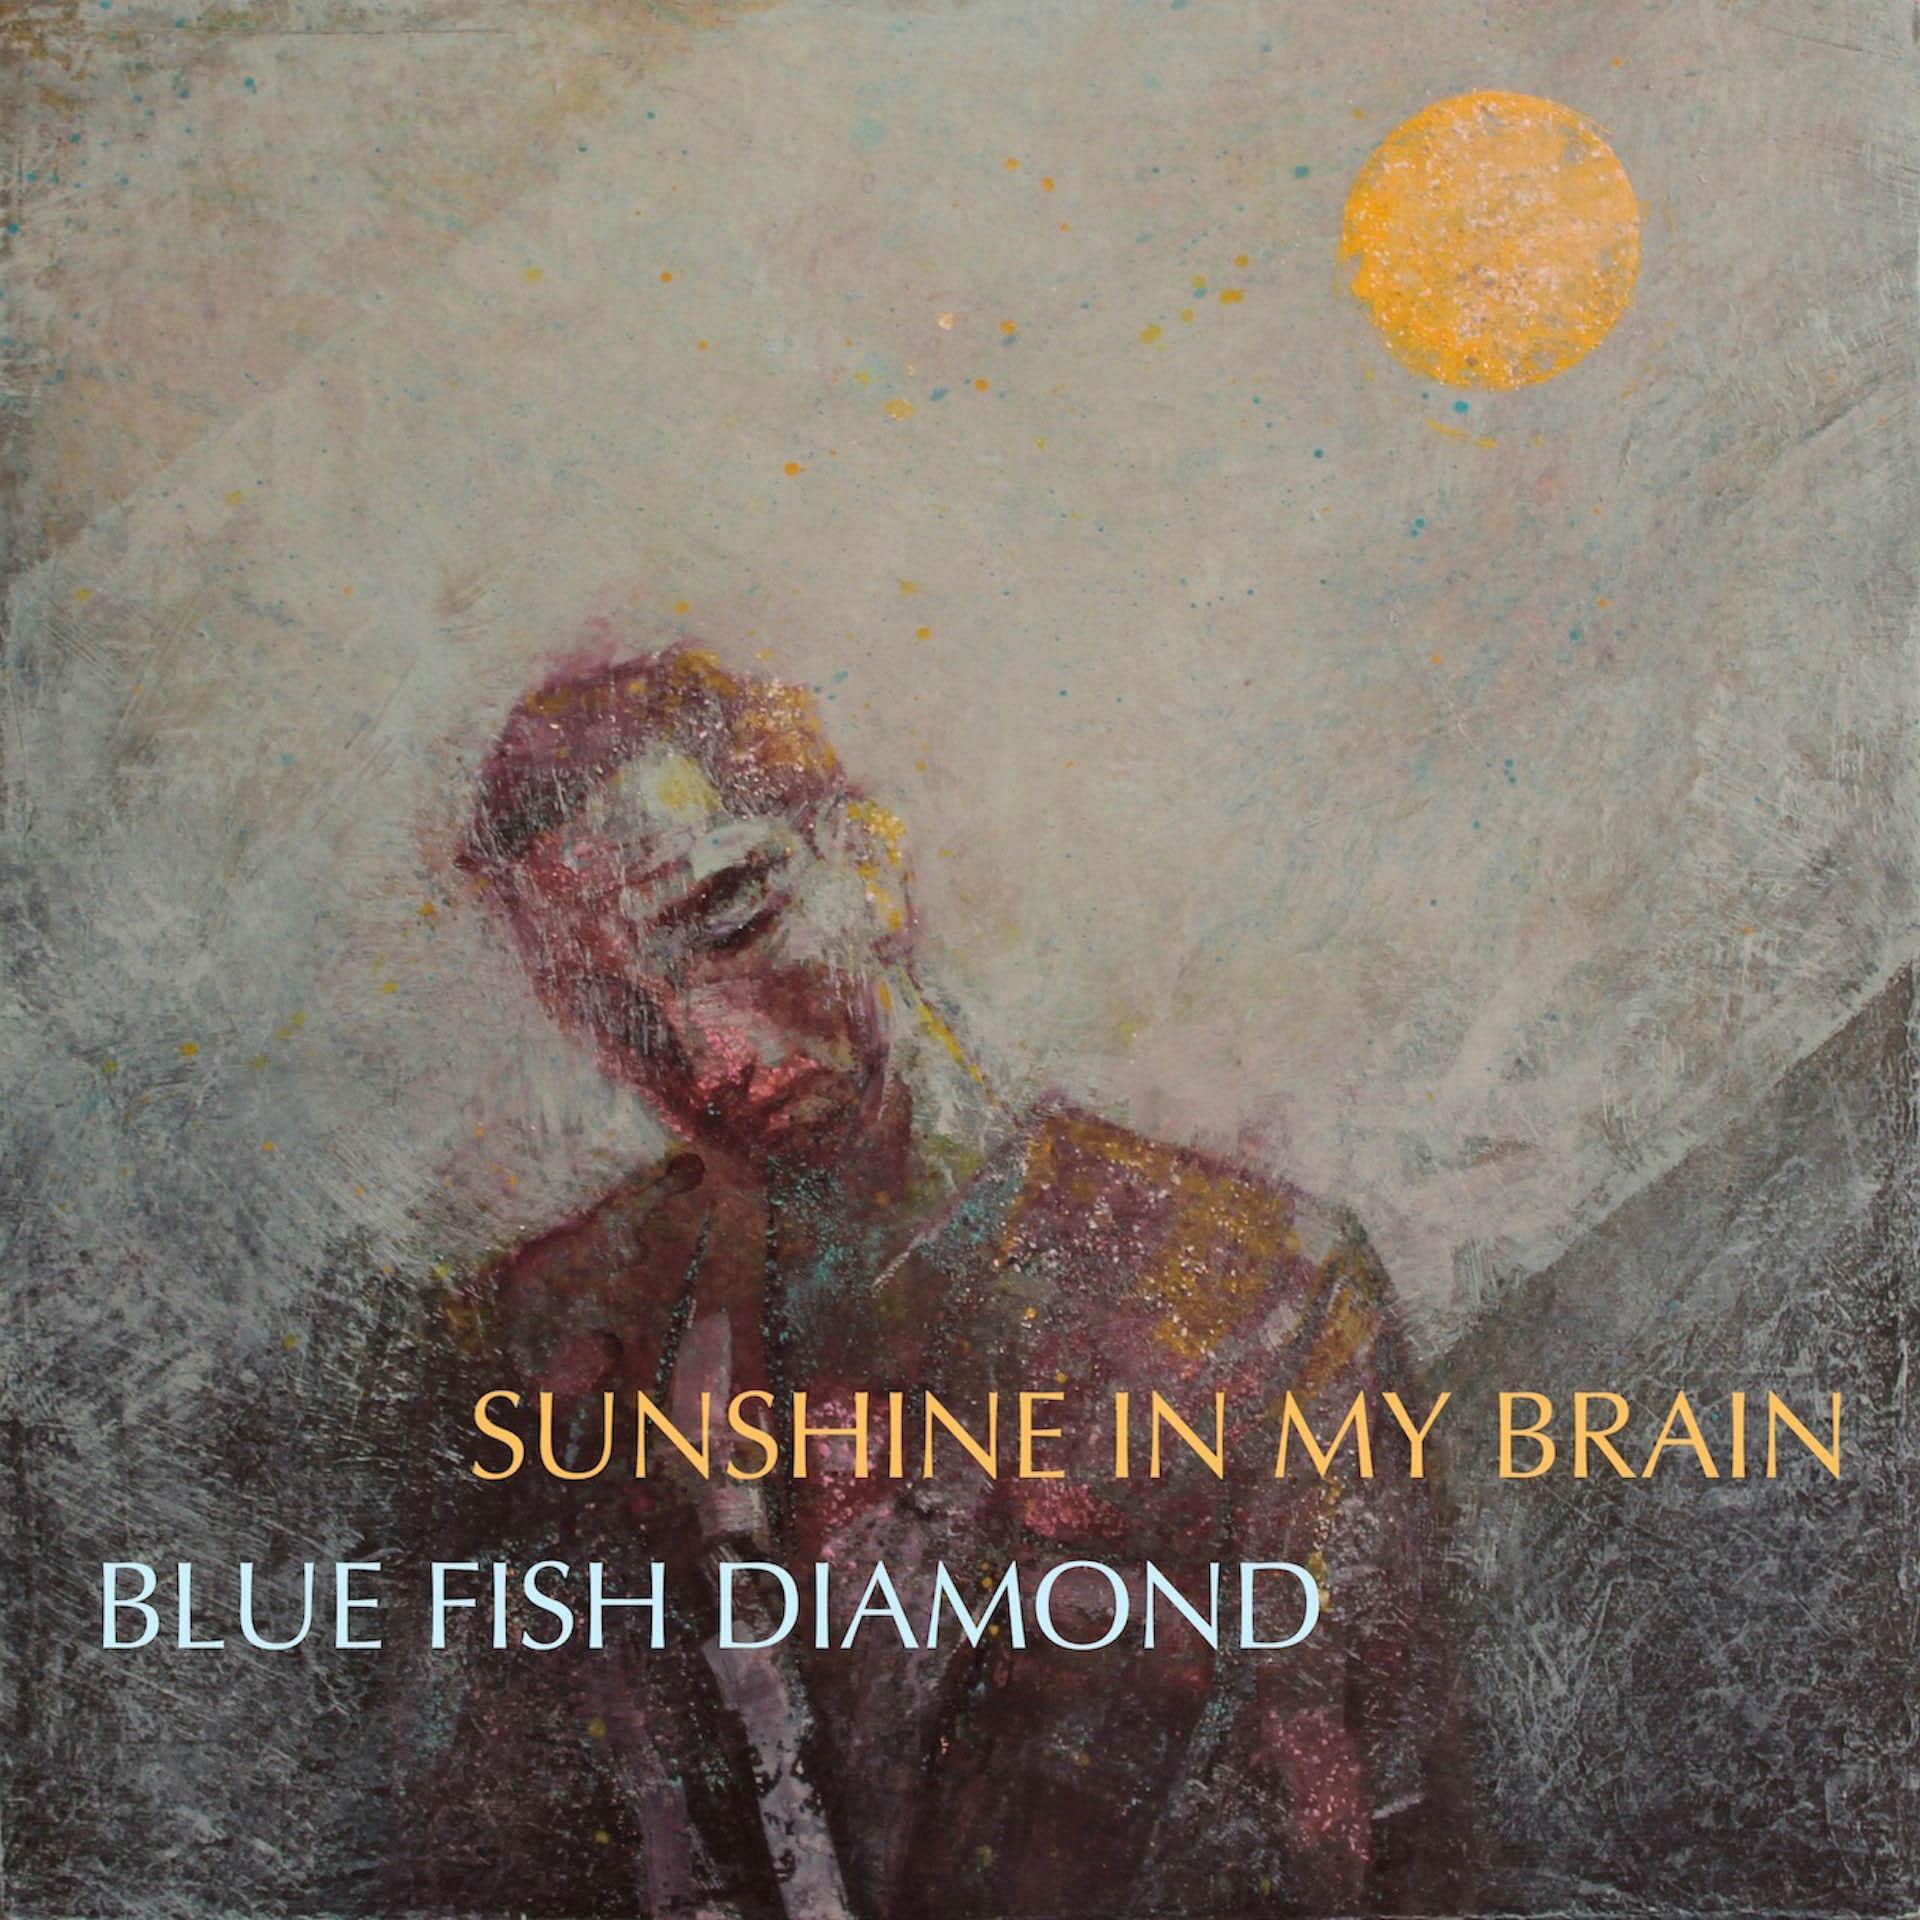 Sunshine in my brain - Single